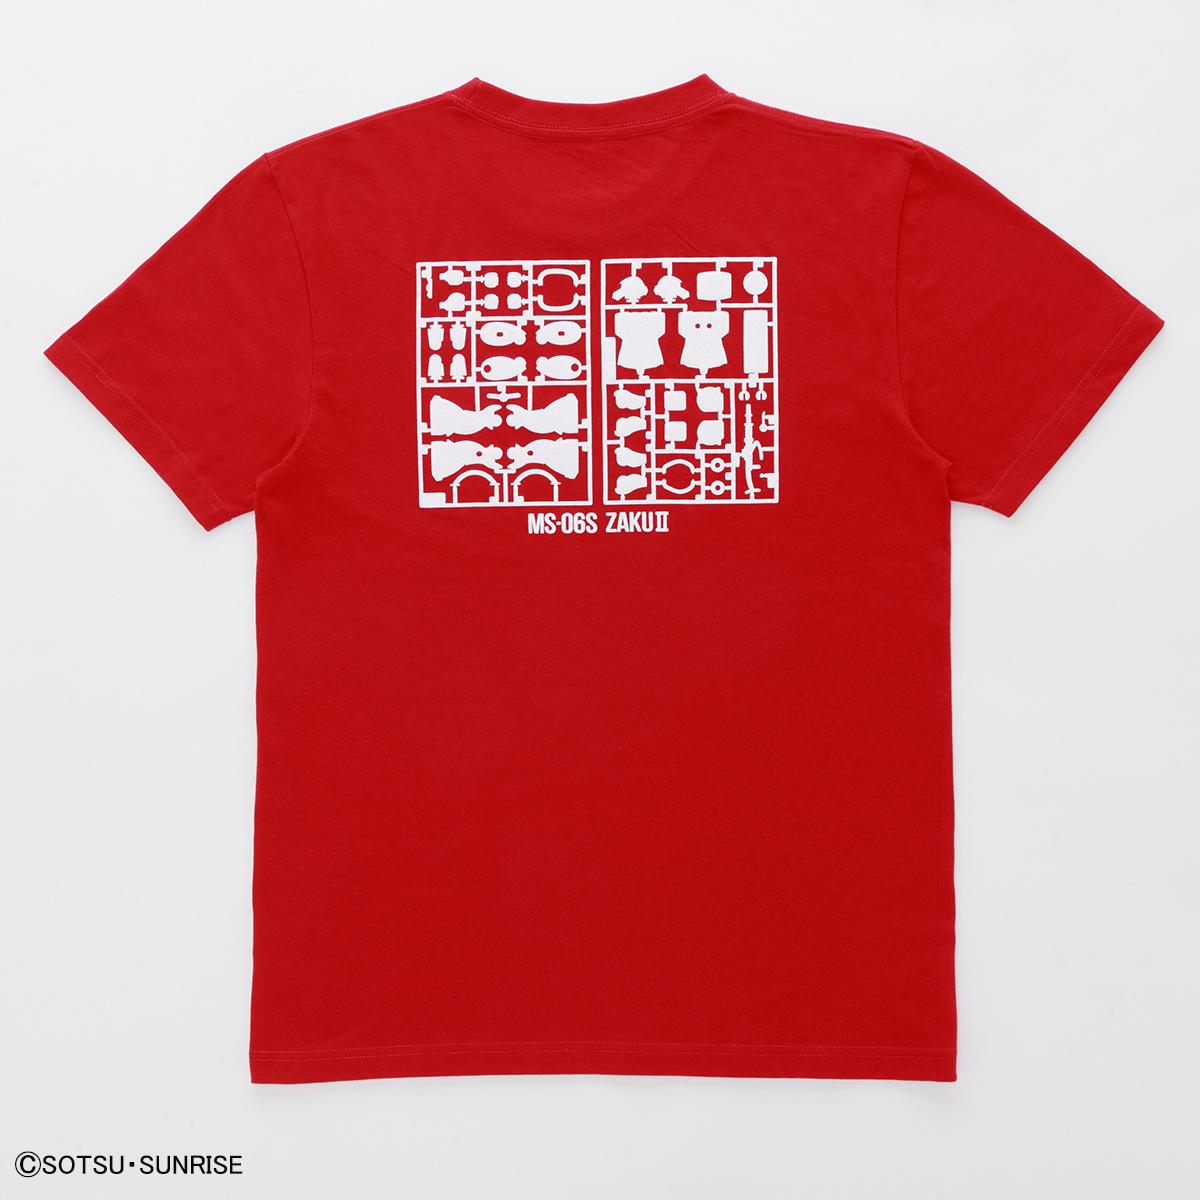 機動戦士ガンダム ガンプラ ランナー Tシャツ MS-06S シャアザク 赤白 商品画像